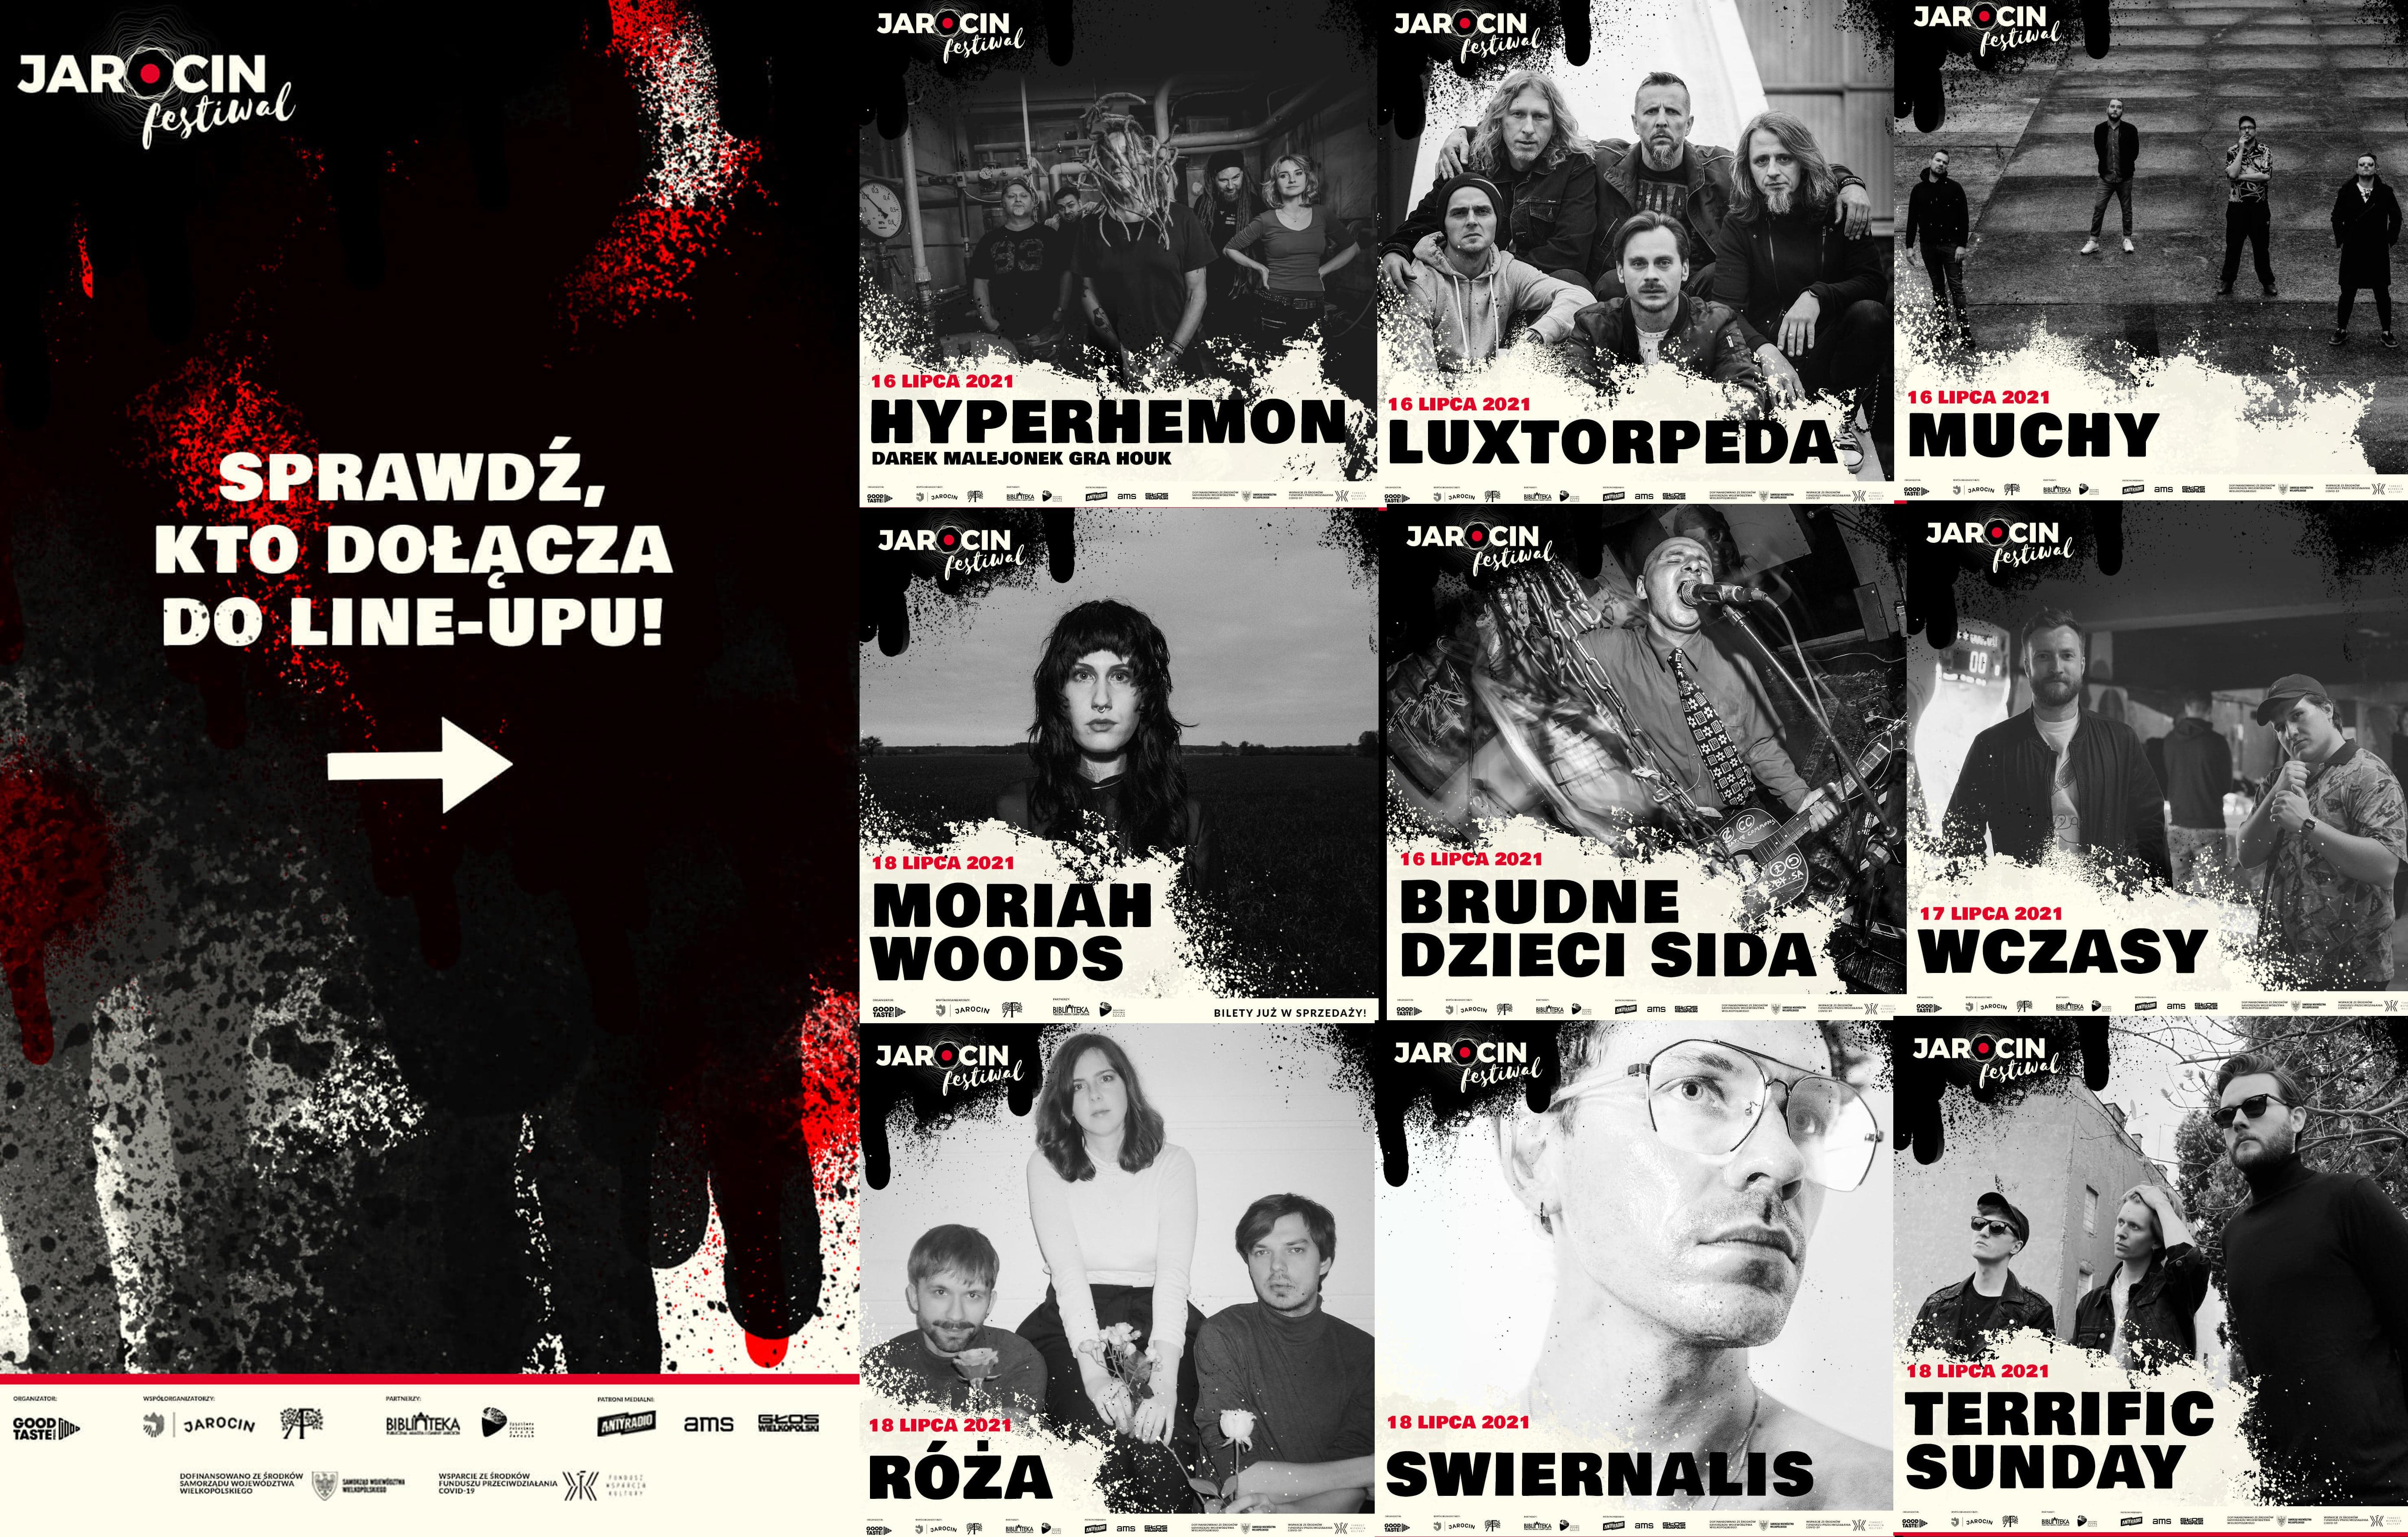 Jarocin Festiwal 2021 – kolejne ogłoszenie artystów